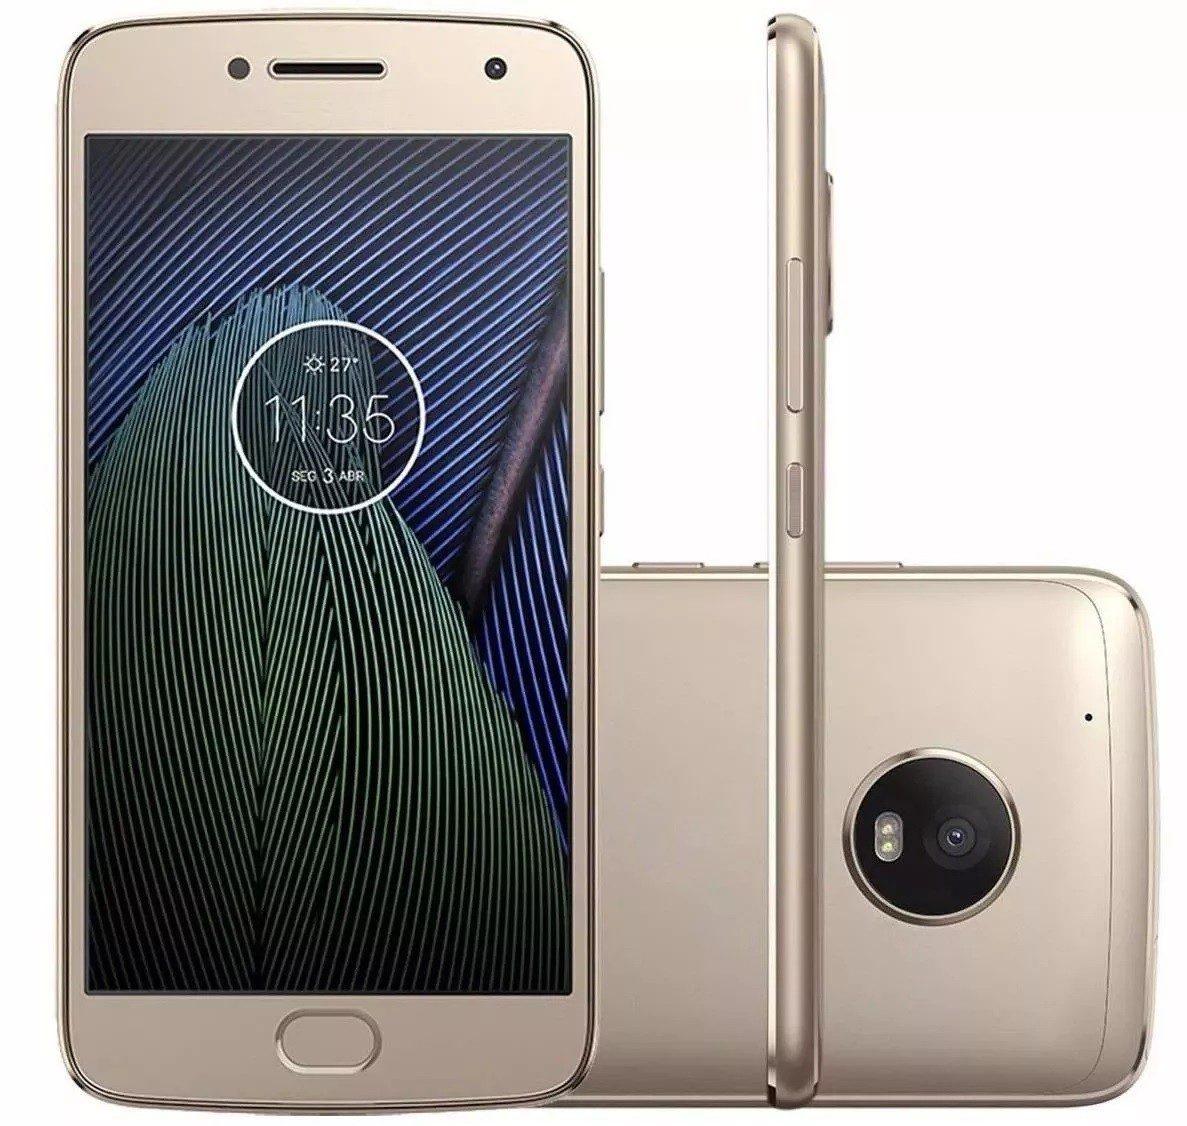 7dc618d21e 5 celular smartphone barato orro moto g5 plus android promoção. Carregando  zoom.